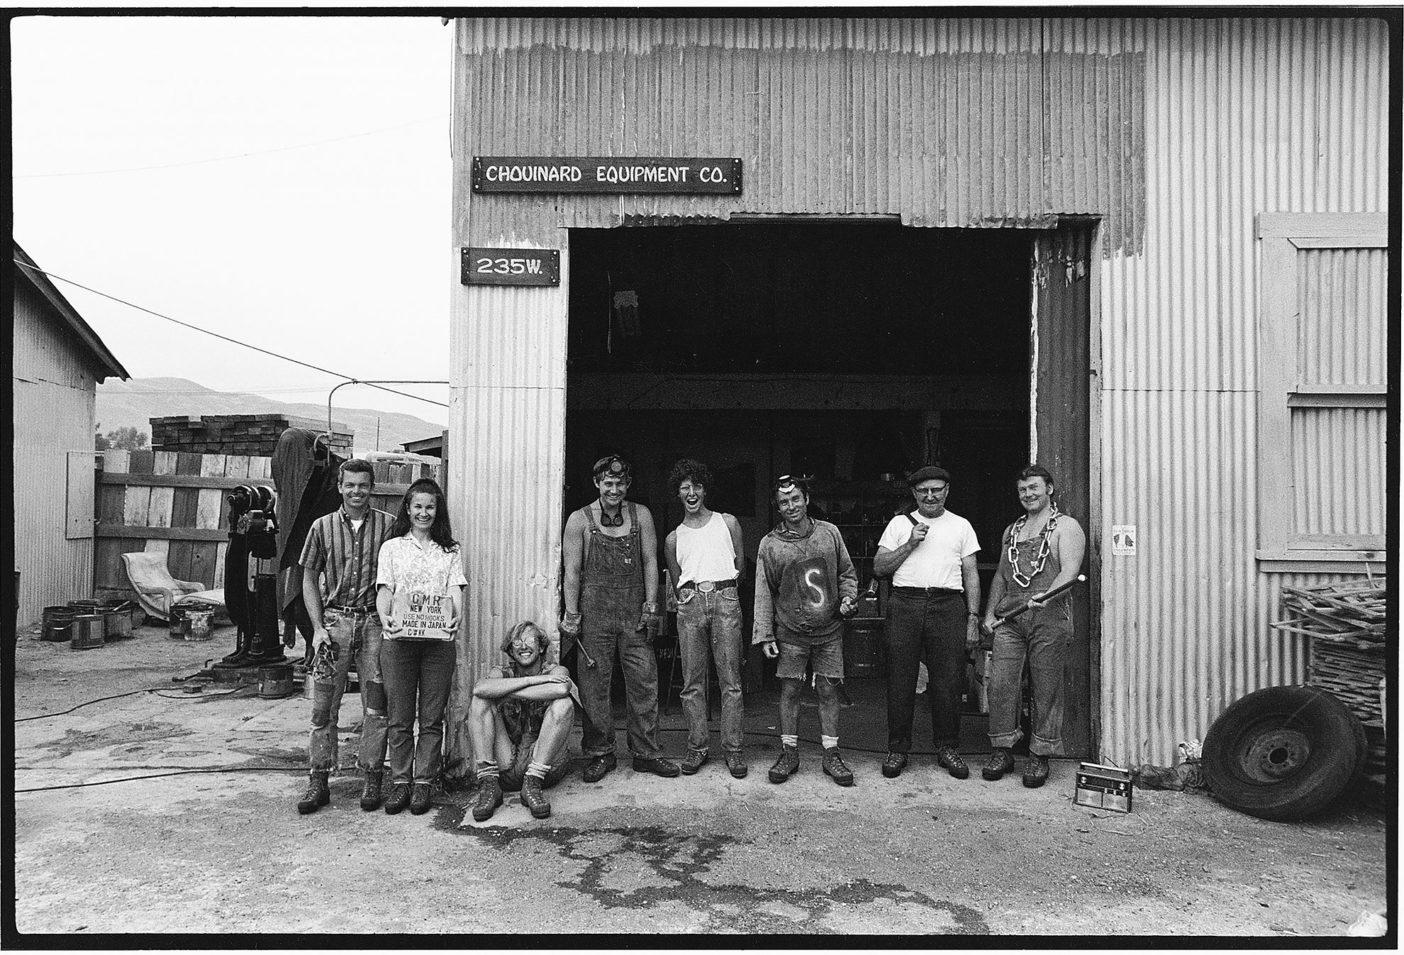 1966年当時のシュイナード・イクイップメント社の社員たち。カリフォルニア州ベンチュラ Photo: Tom Frost